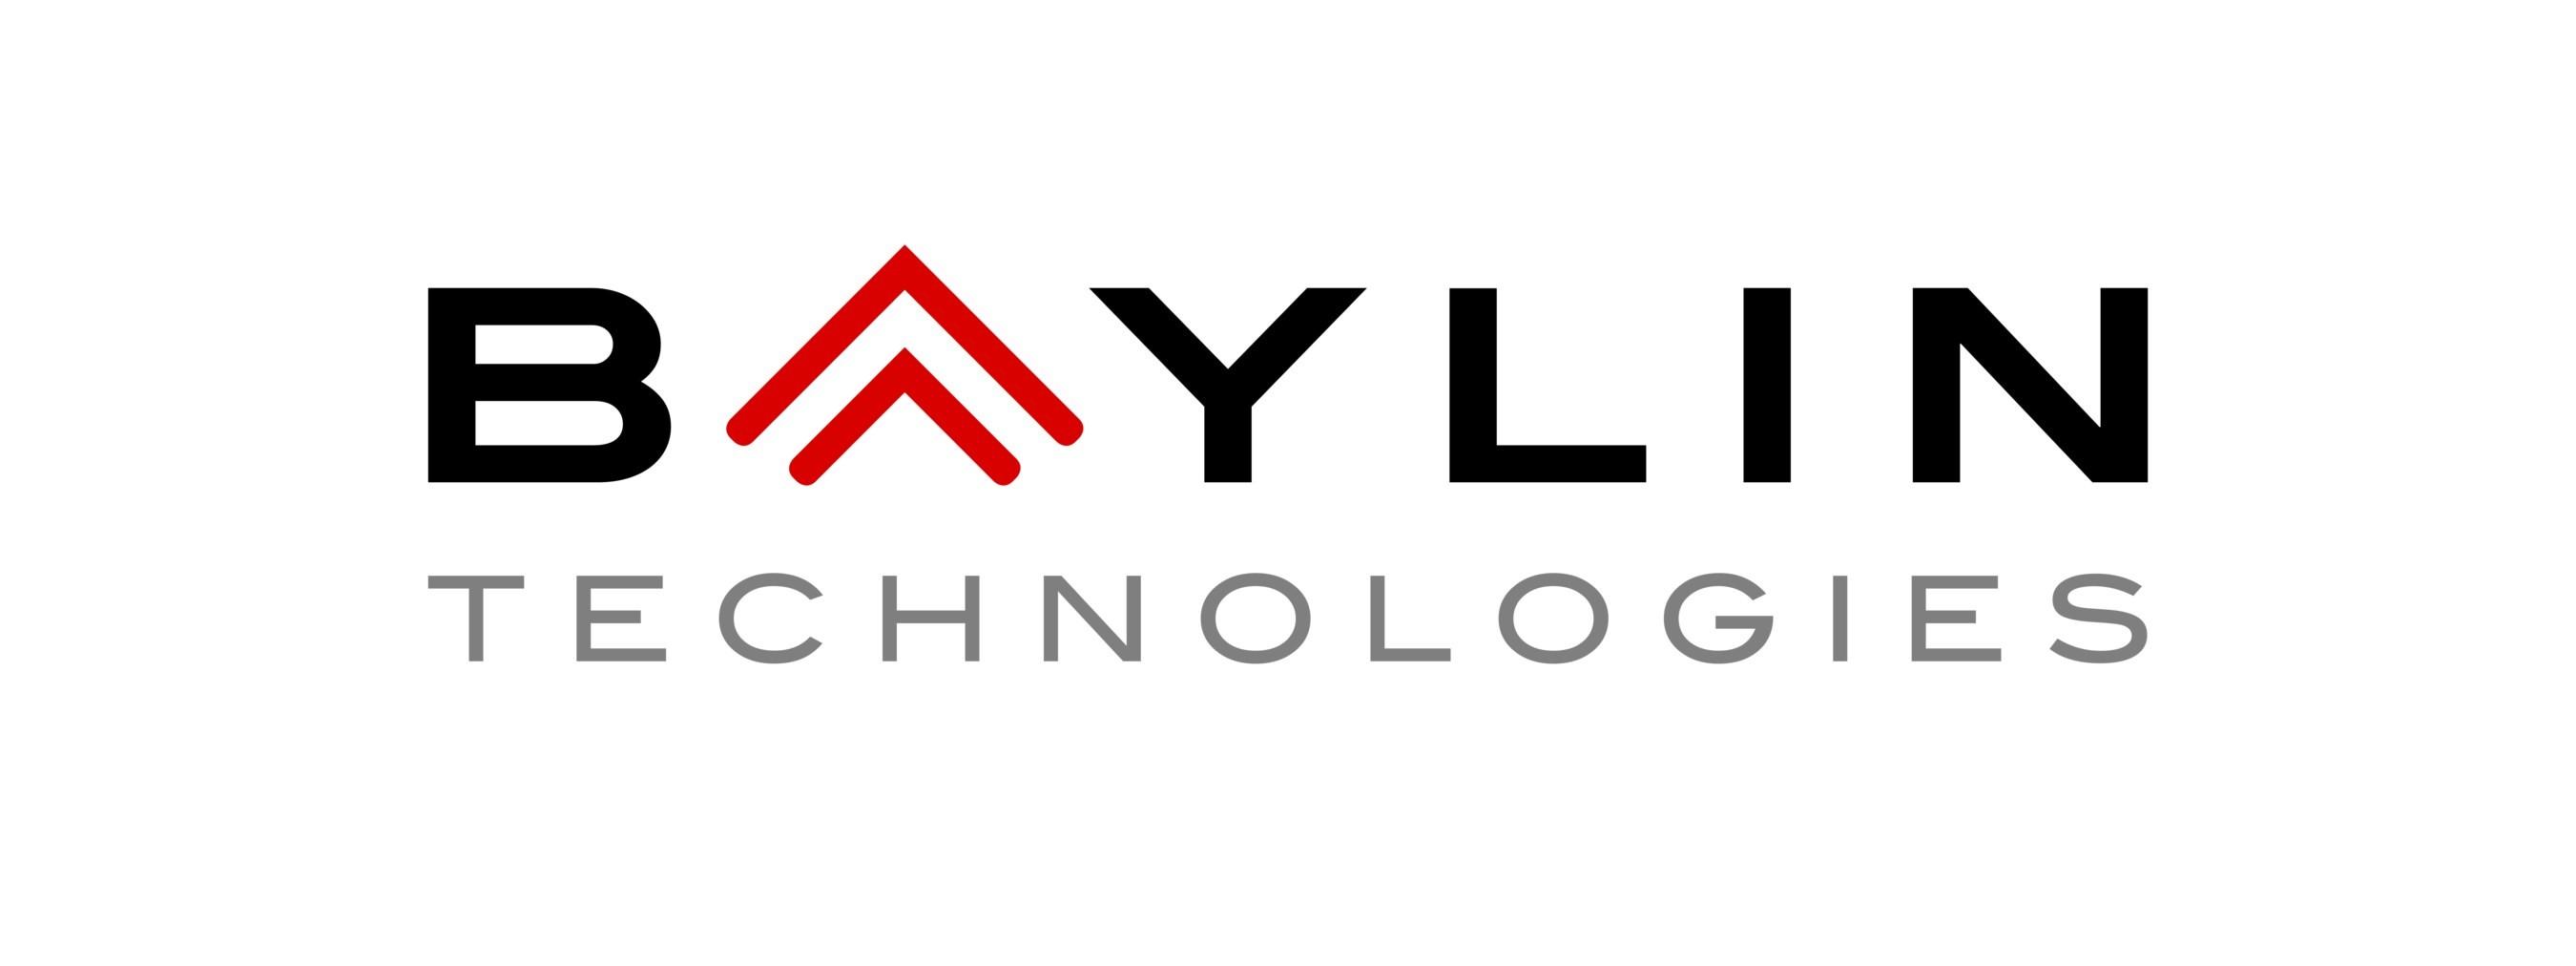 Baylin Technologies